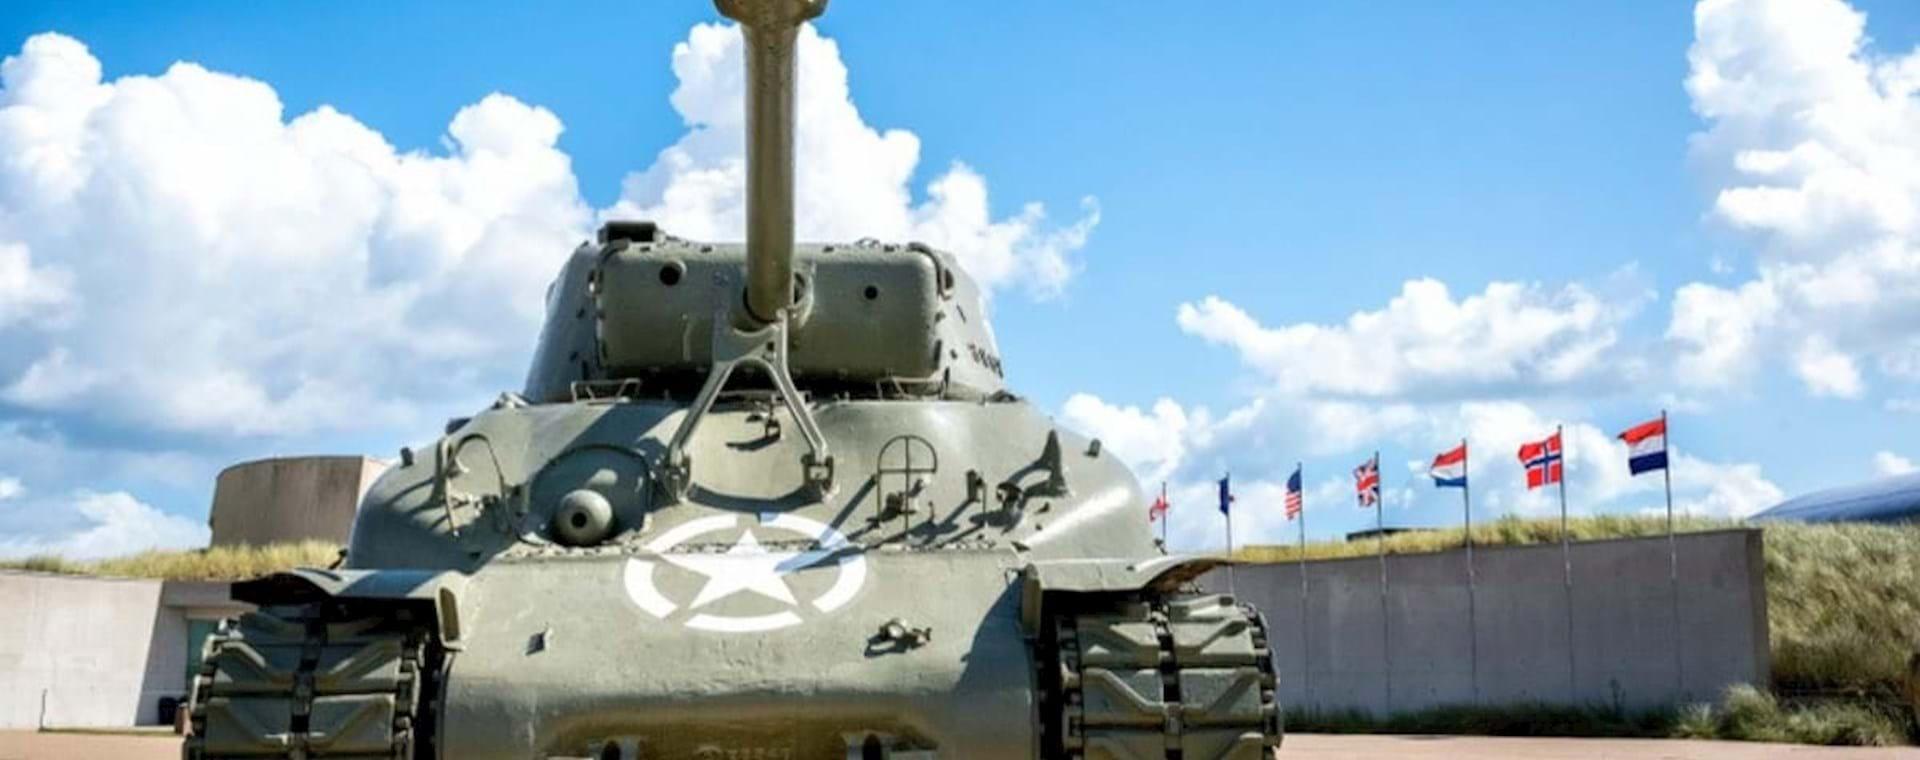 Memorial tank, Normandy